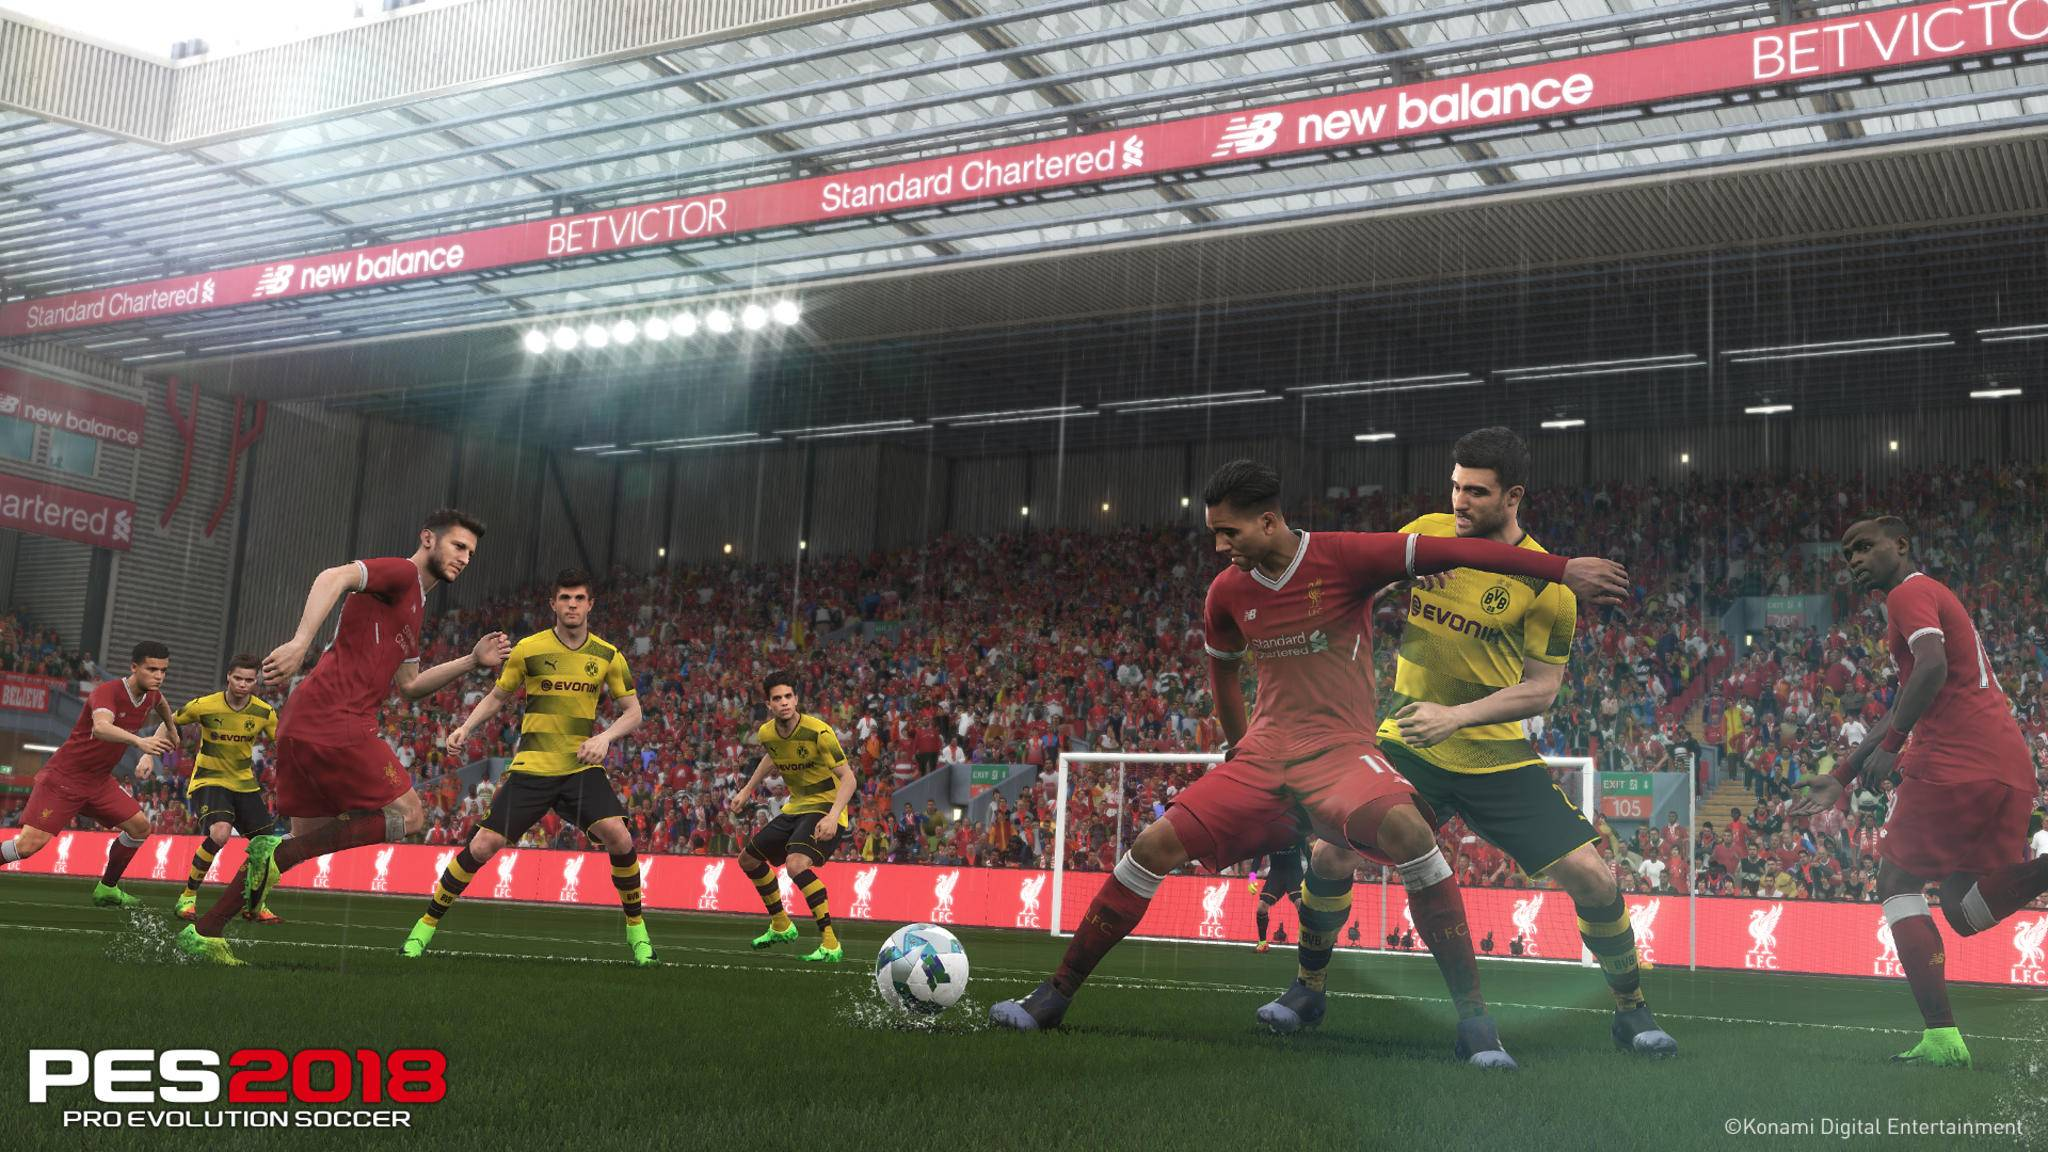 """Auch in der Demo von """"PES 2018""""  vorhanden: die Teams von Liverpool und Dortmund."""